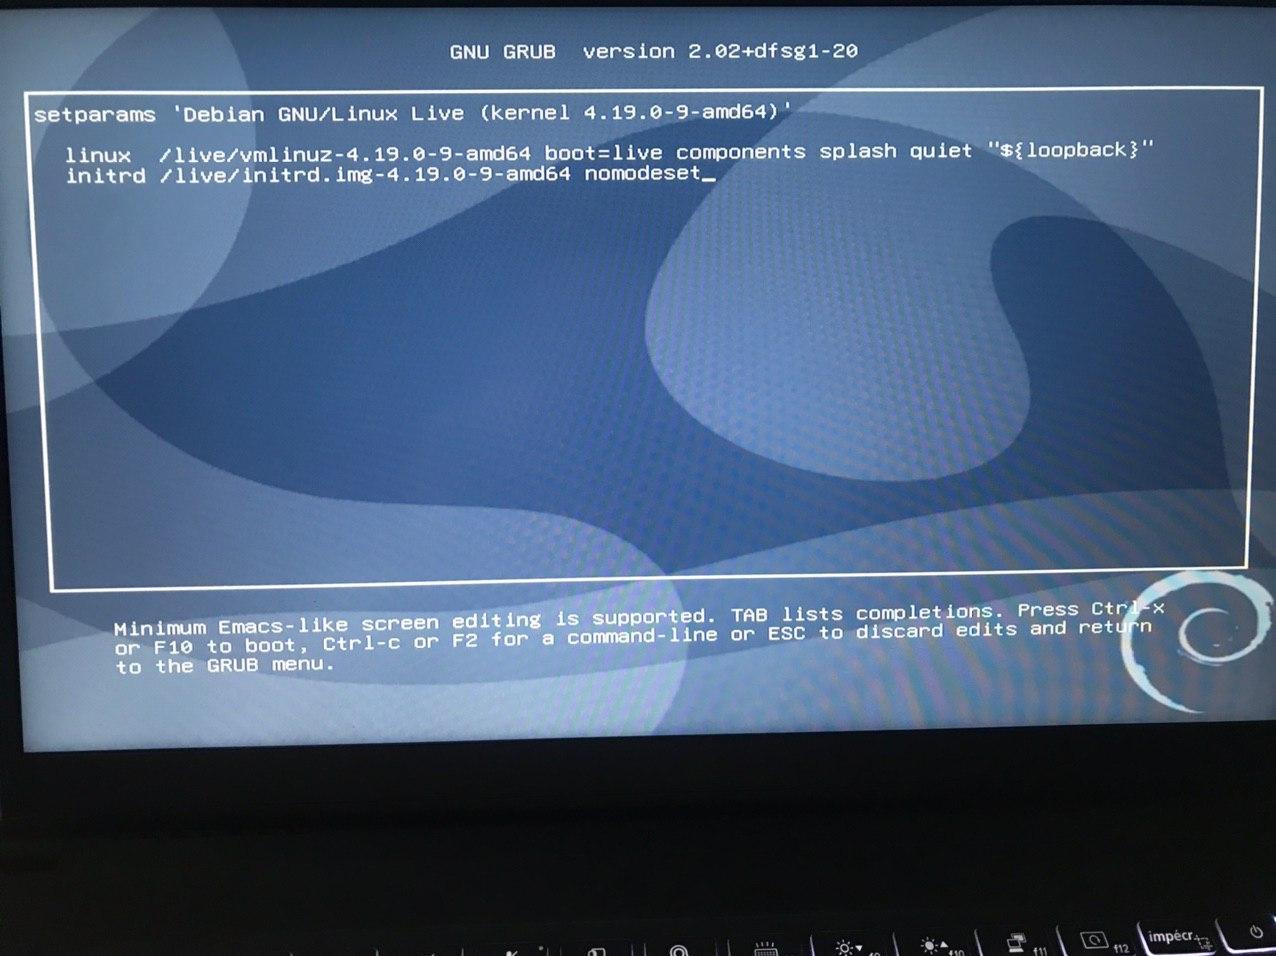 file-R233ed444e36e1a2eacb2bda59abcd181